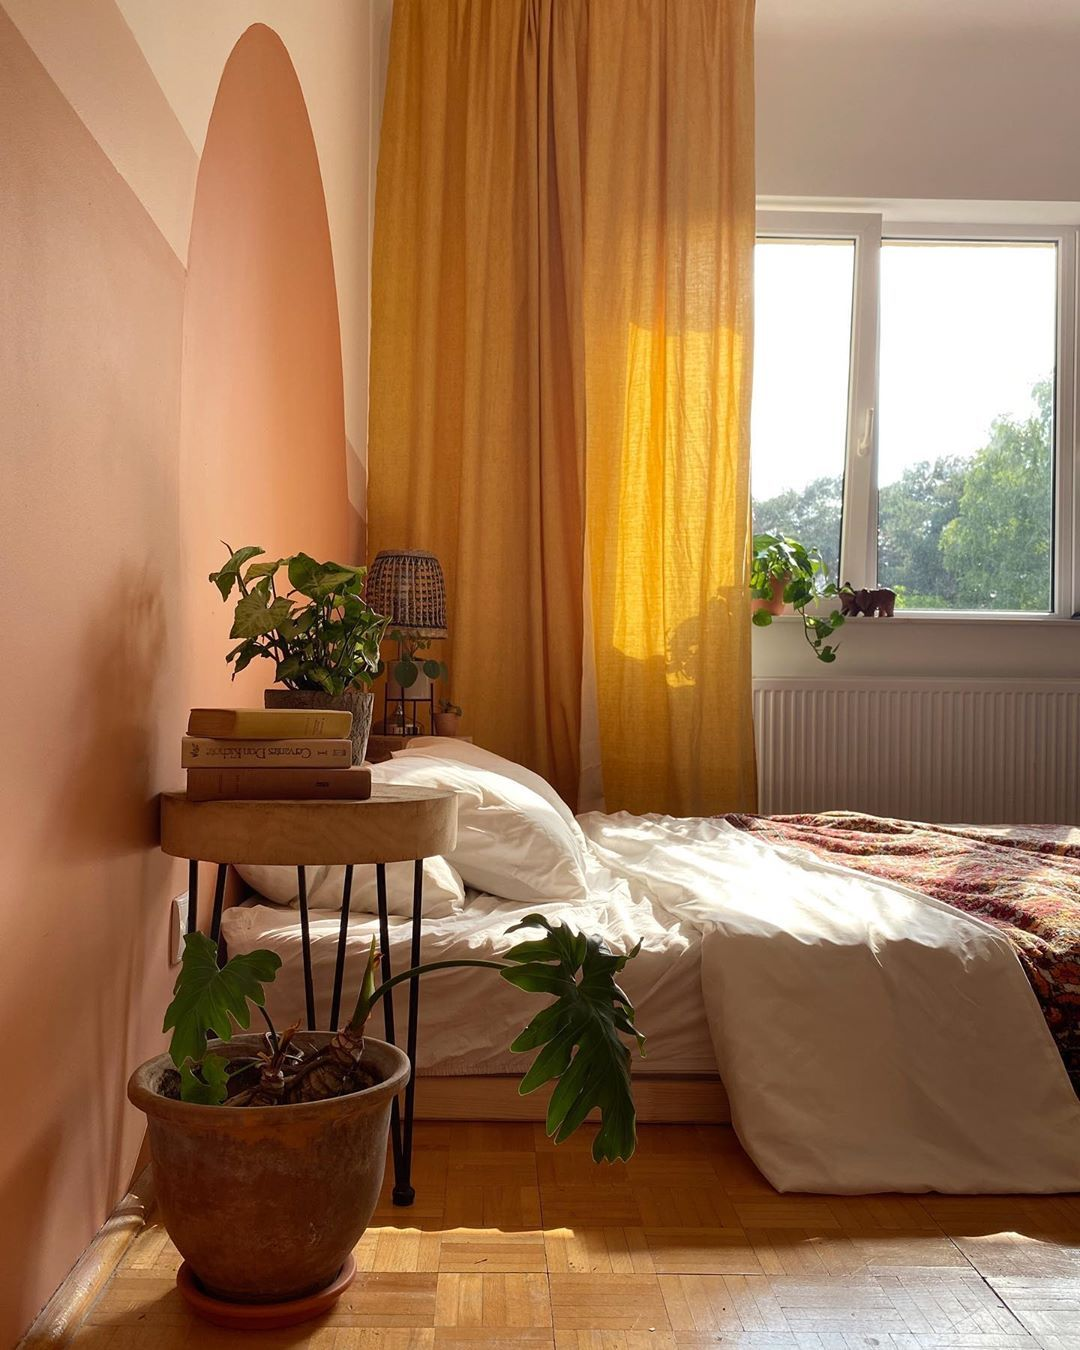 by:  #bedroomideas #bedroomdecor #bedroom #bedroominspo #interior #interiordesign #bedroomdesign #homedecor #bedroomgoals #bedroomstyling #bedding #bed #home #bedroominspiration #interiors #decor #bedroominterior #homesweethome #bedroomstyle #design #bedroomdecoration #interiordesigner